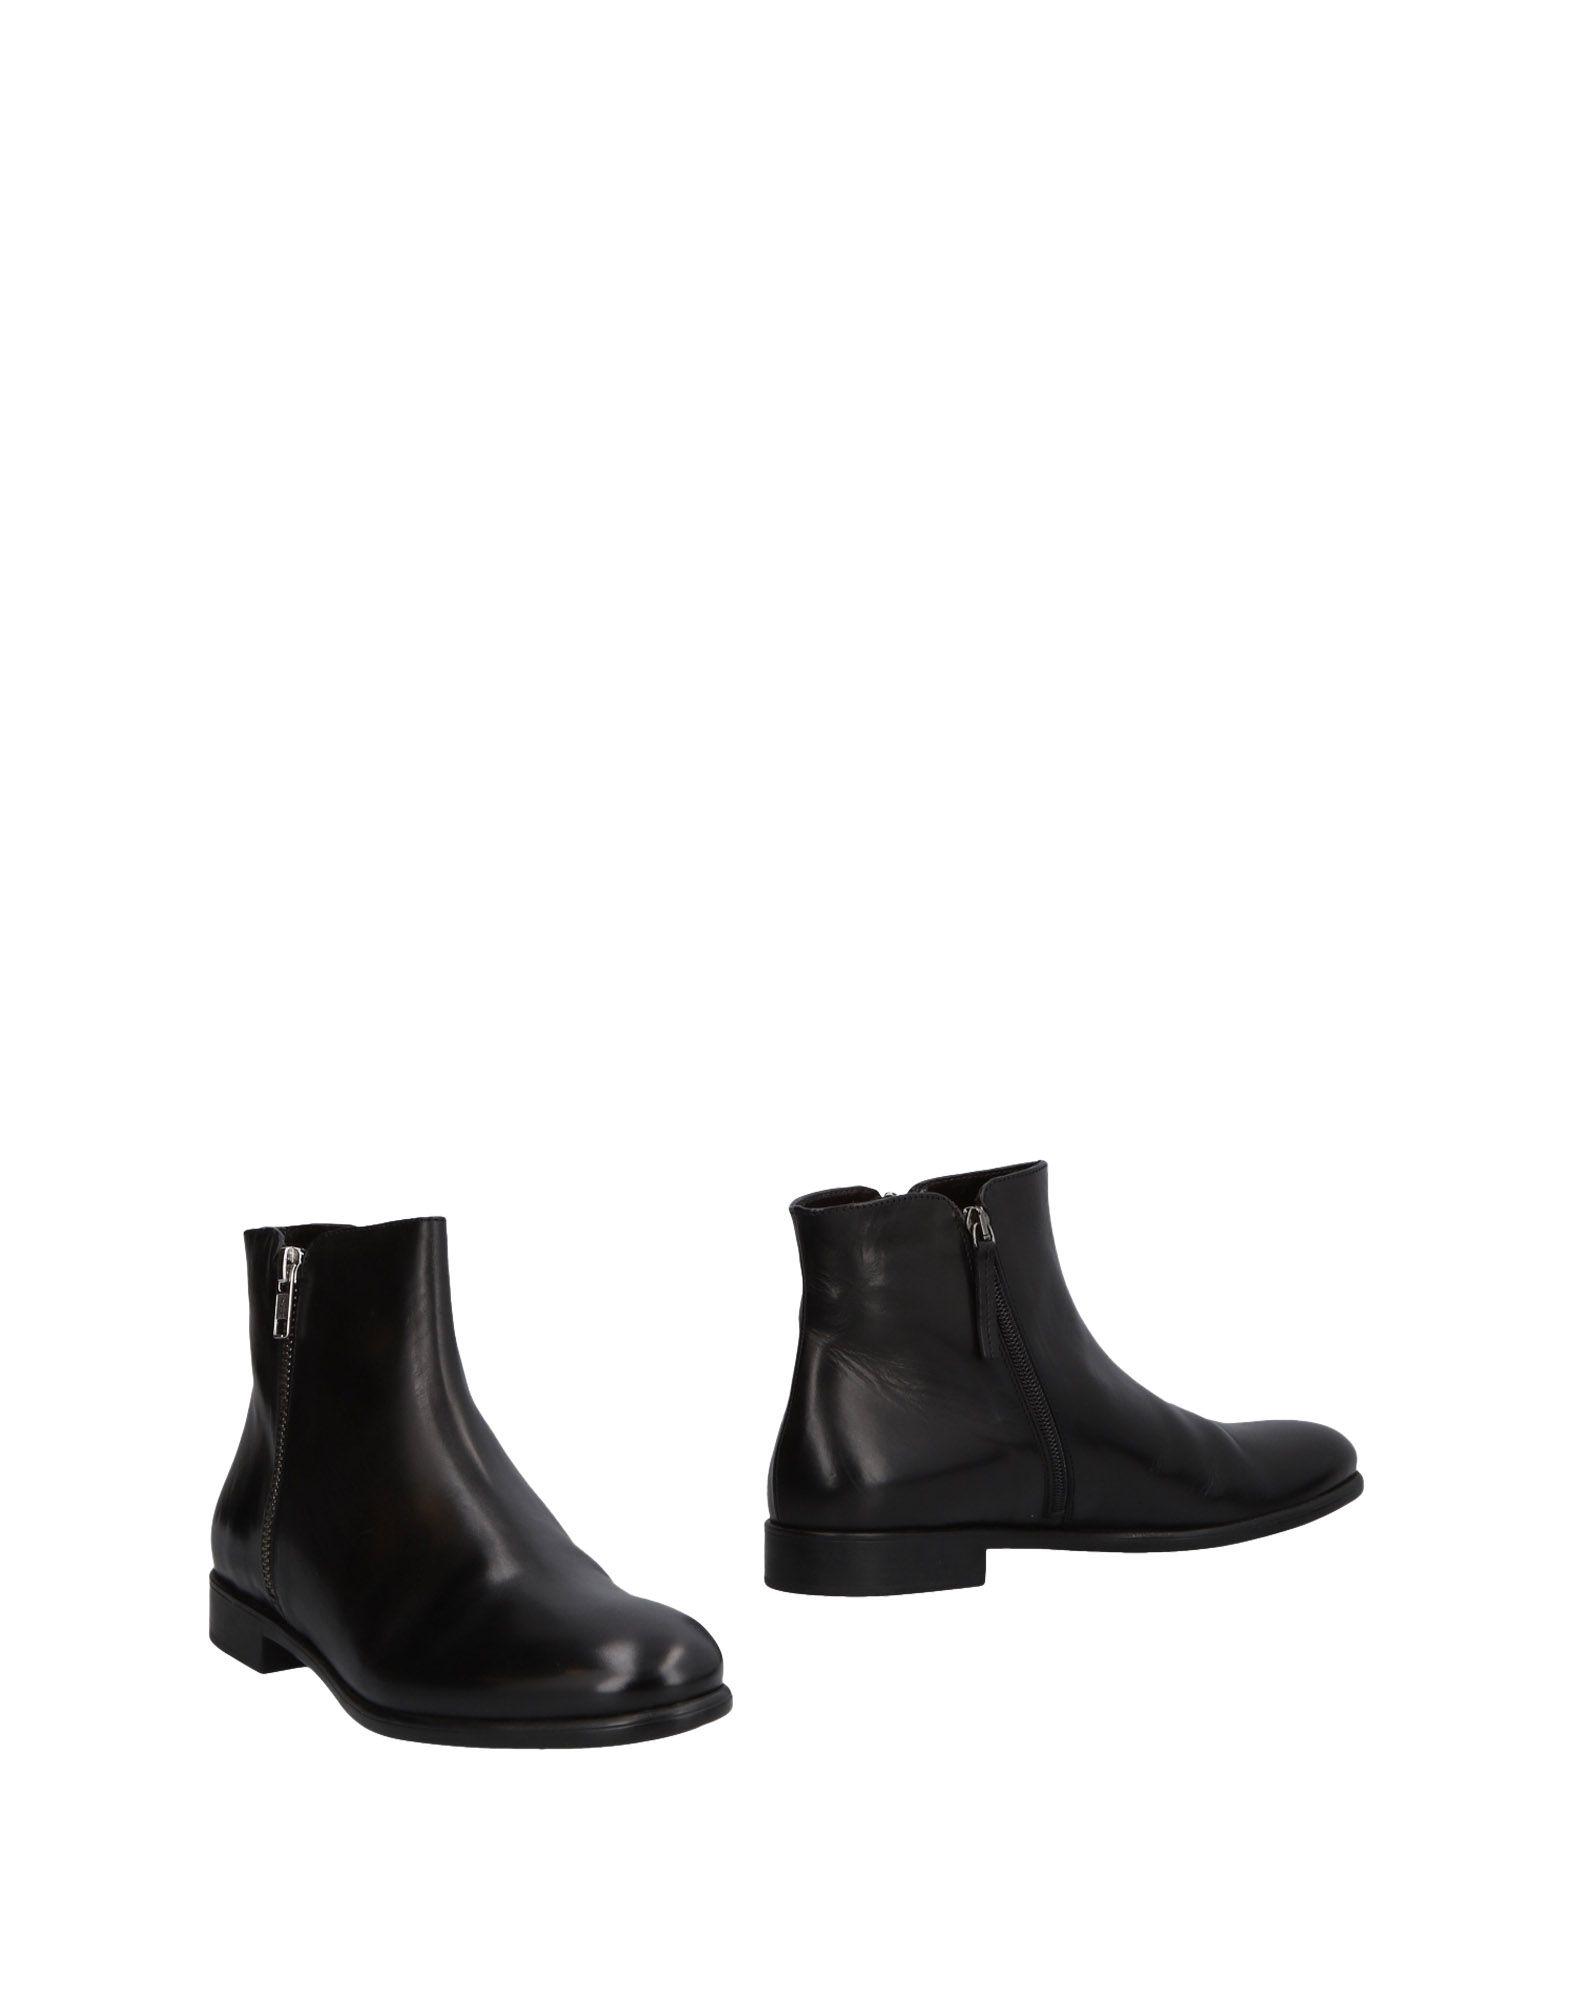 Triver Flight Stiefelette Damen  11481114CK Gute Qualität beliebte Schuhe